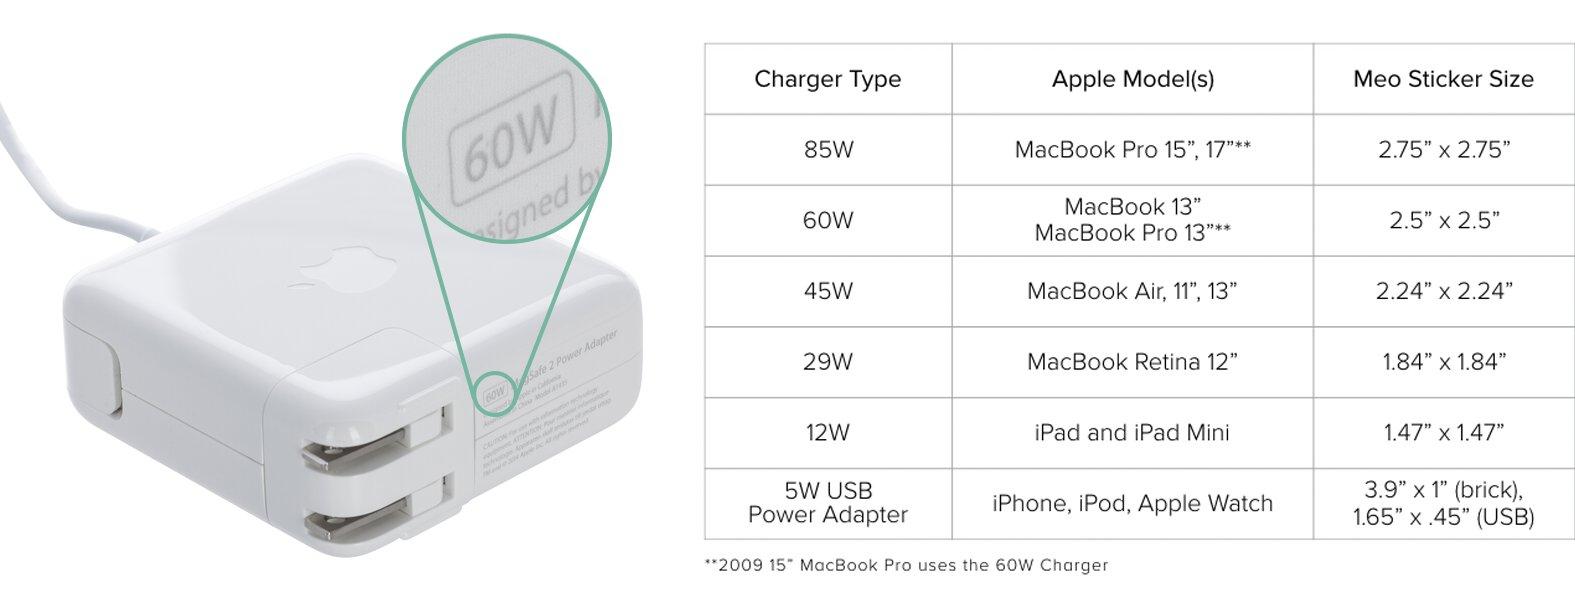 Meo_charger_FAQ3.jpg